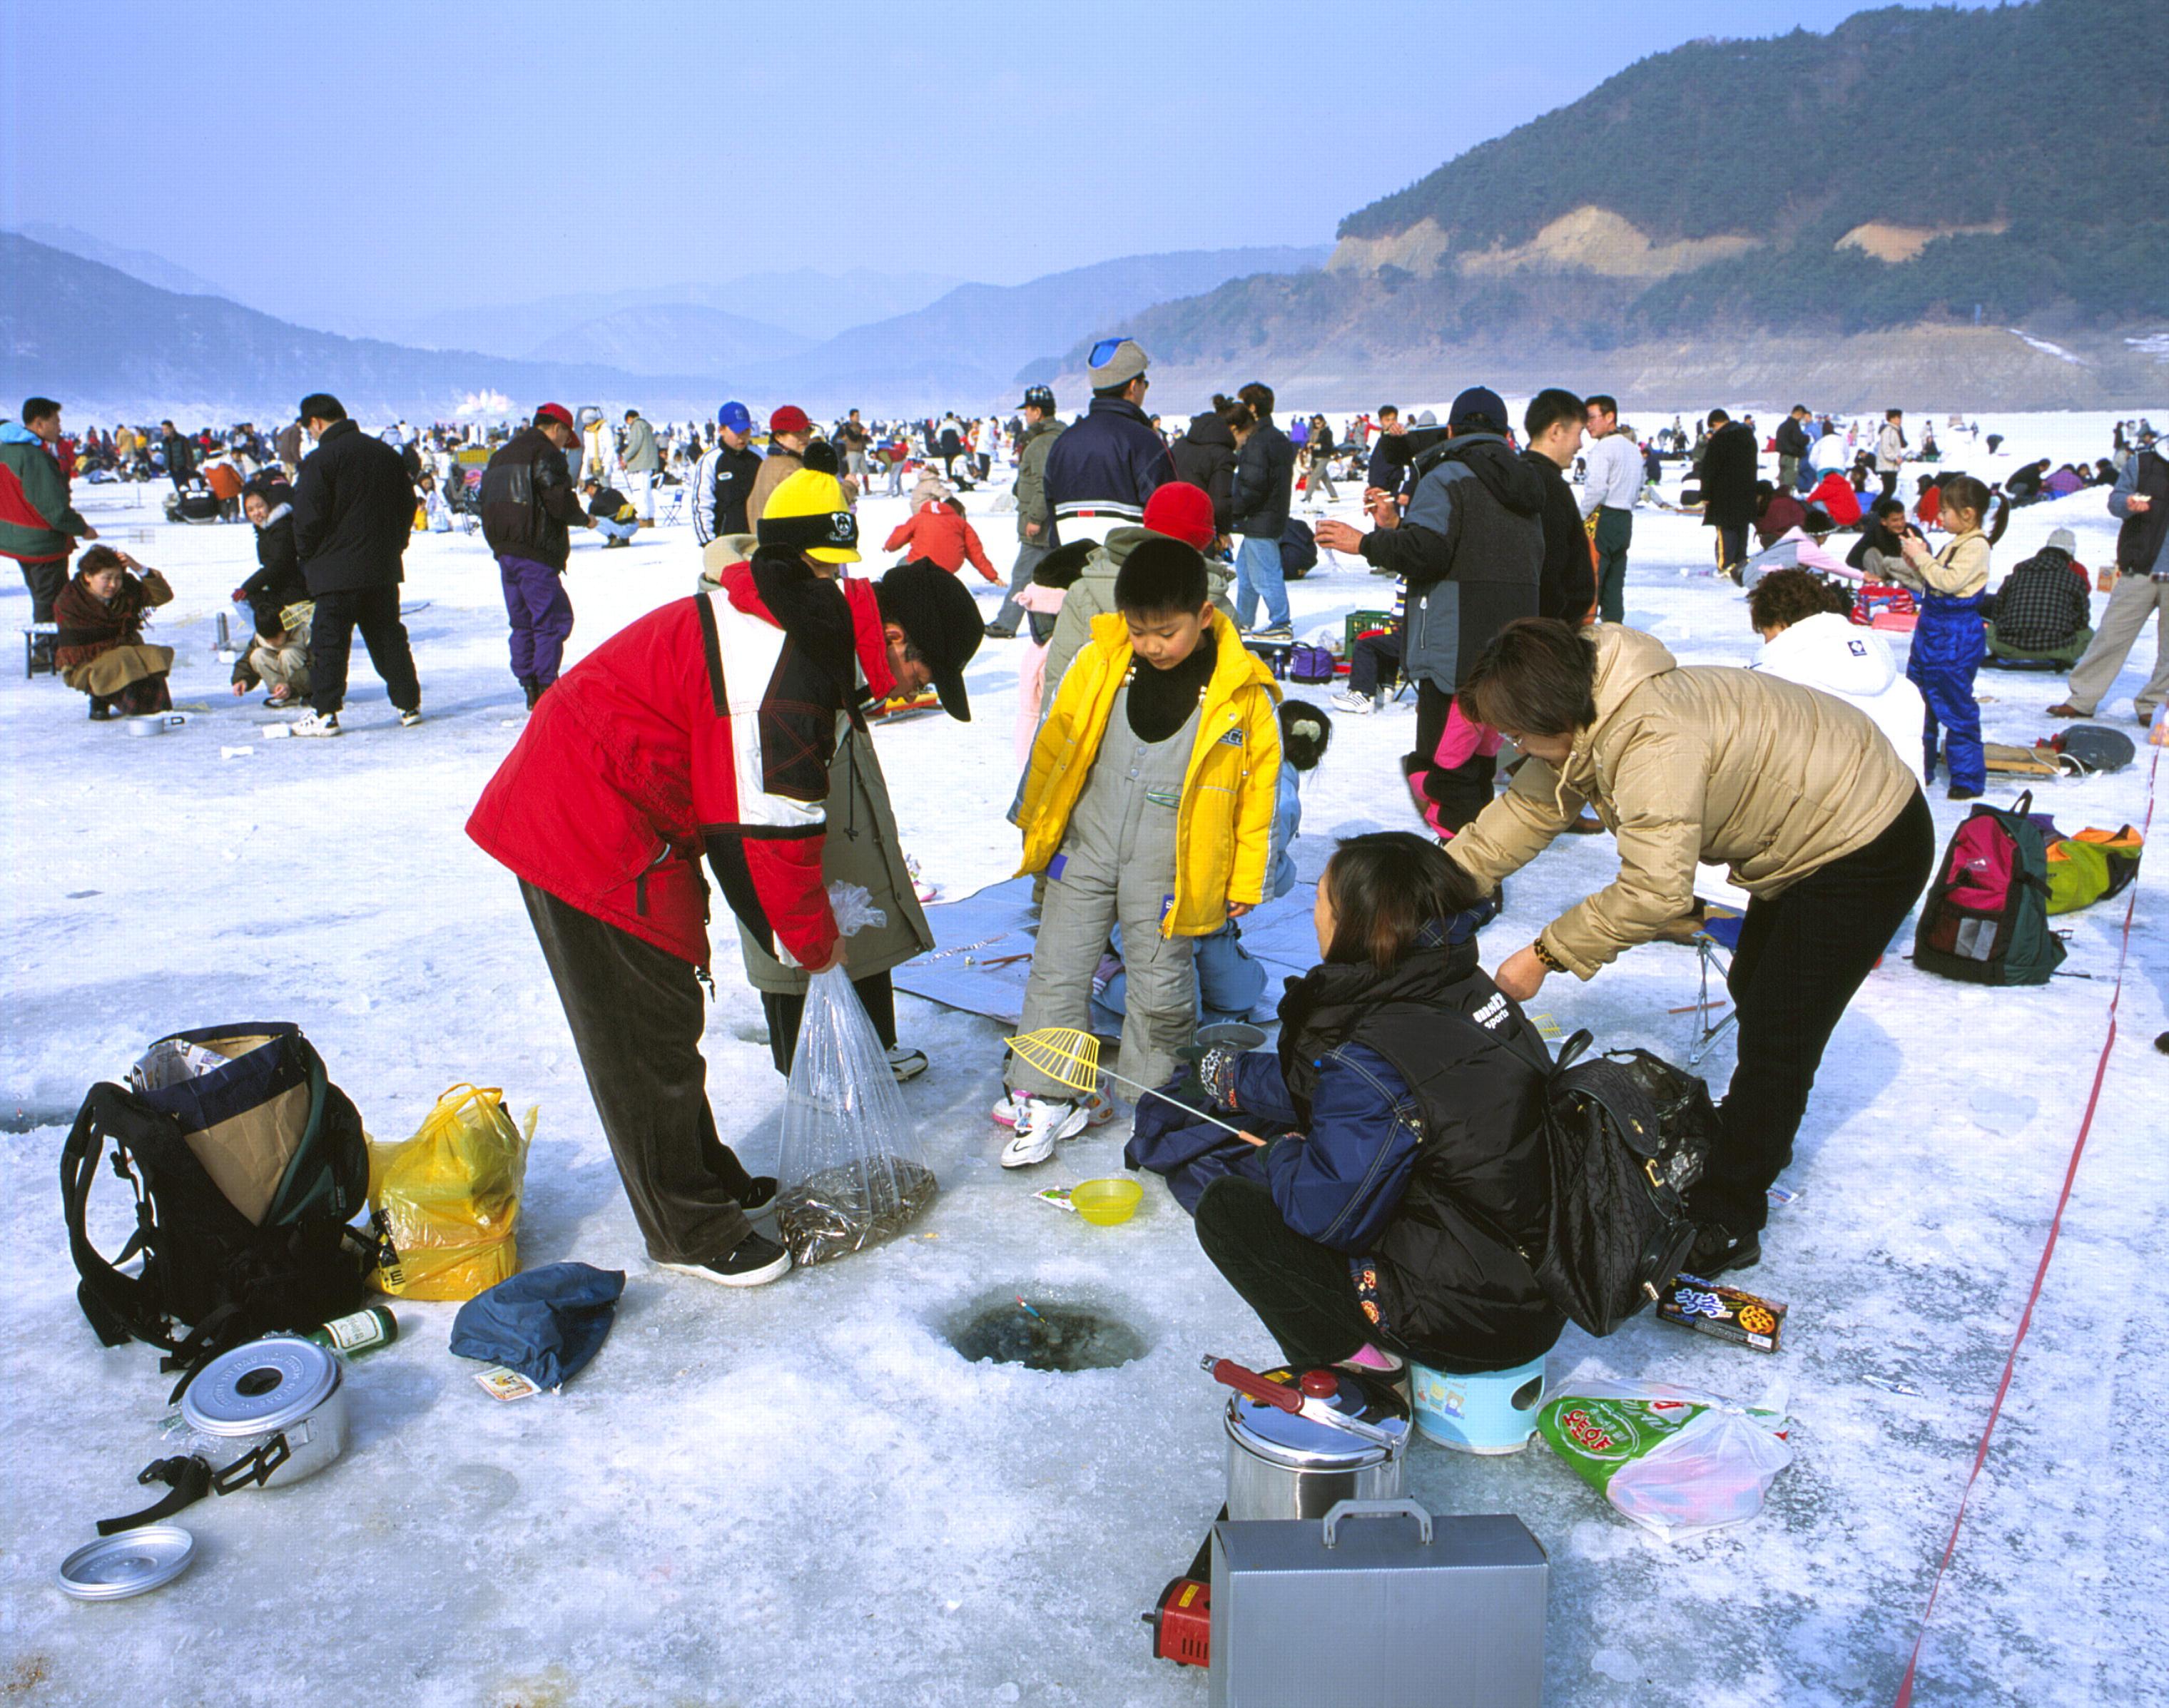 韓國冬季慶典-平昌鱒魚節 帳篷冰釣體驗 (含釣魚用具+椅子)